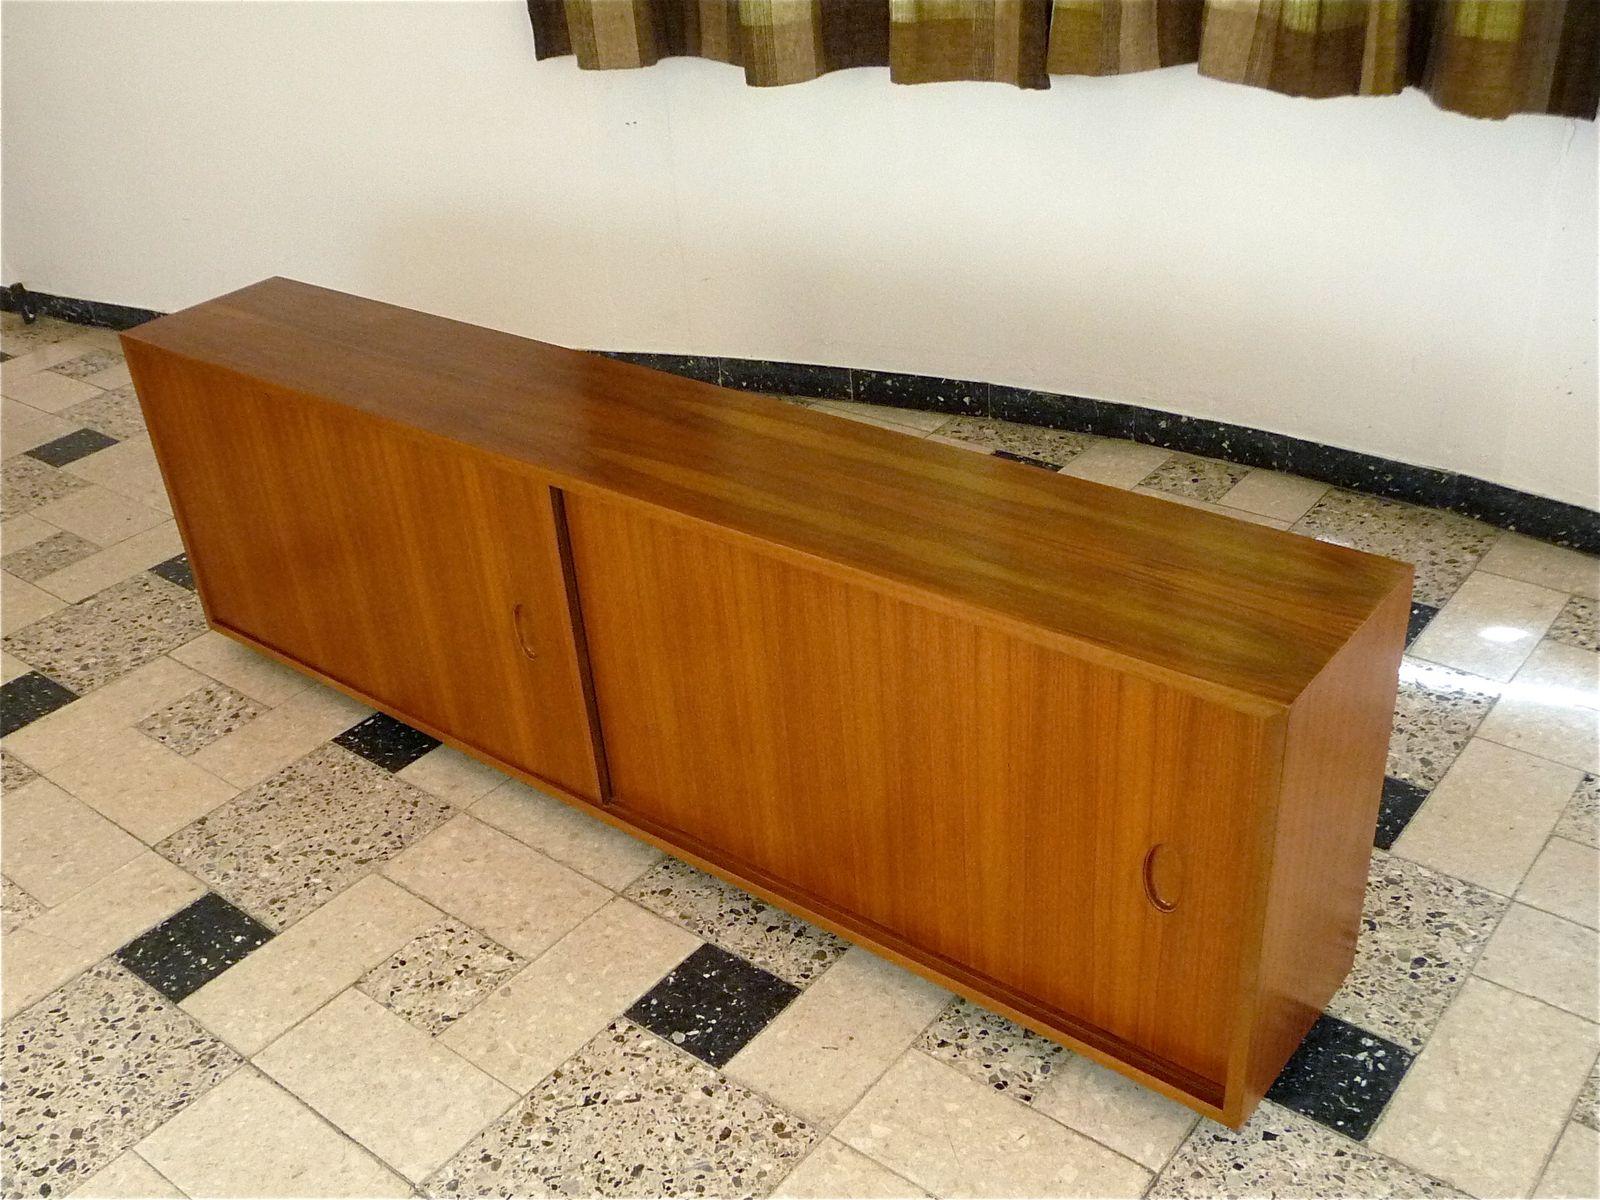 schwebendes sideboard von georg satink f r wk m bel 1950er bei pamono kaufen. Black Bedroom Furniture Sets. Home Design Ideas